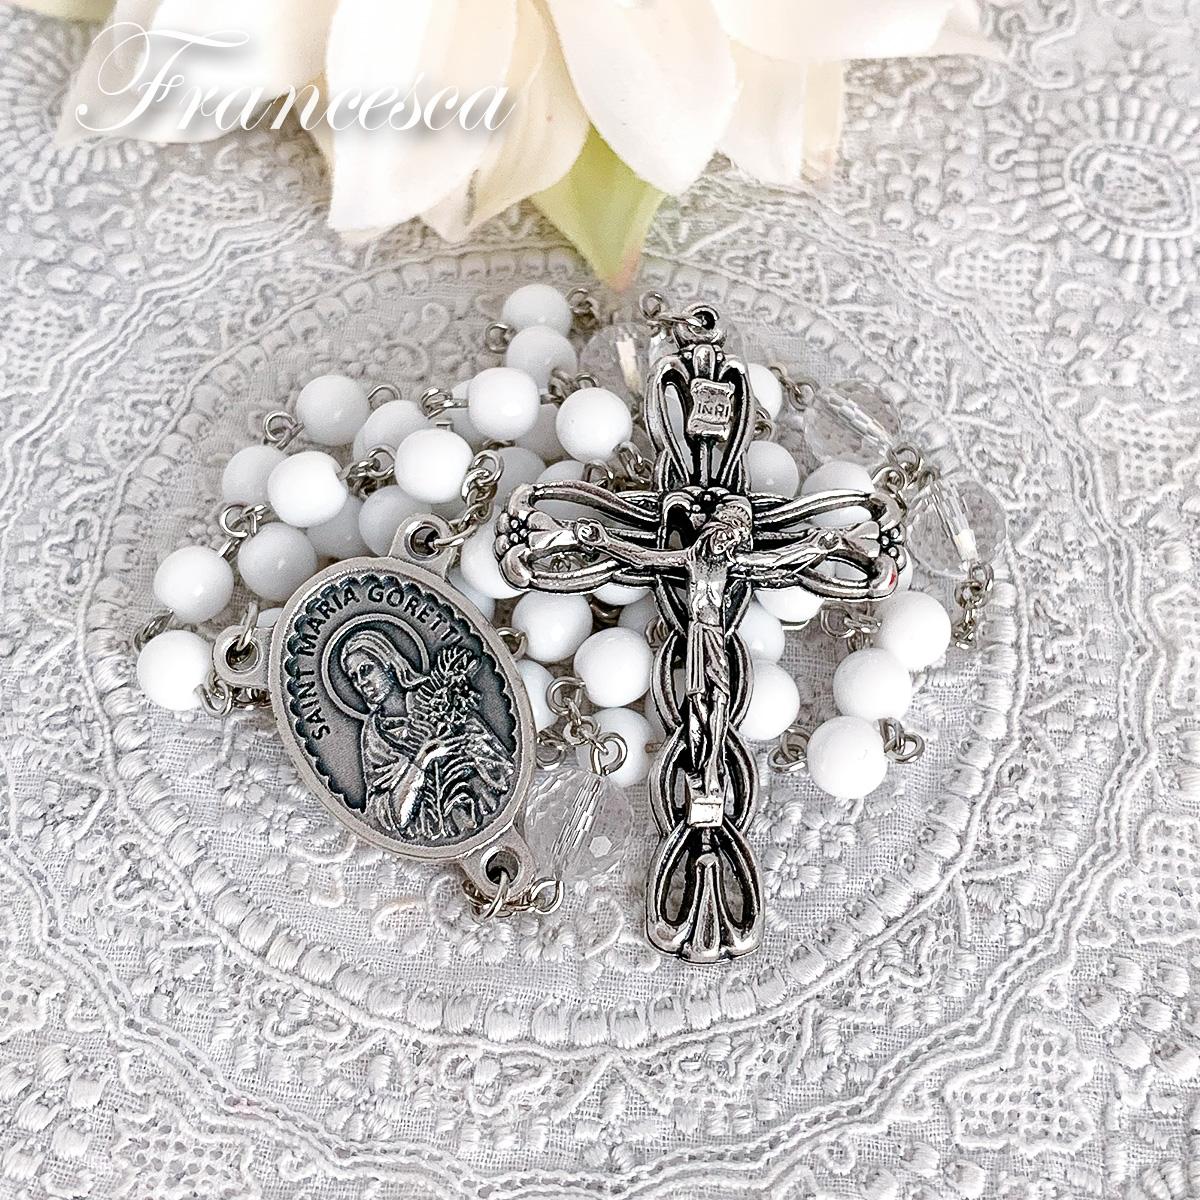 聖マリア・ゴレッティおとめ殉教者のロザリオ